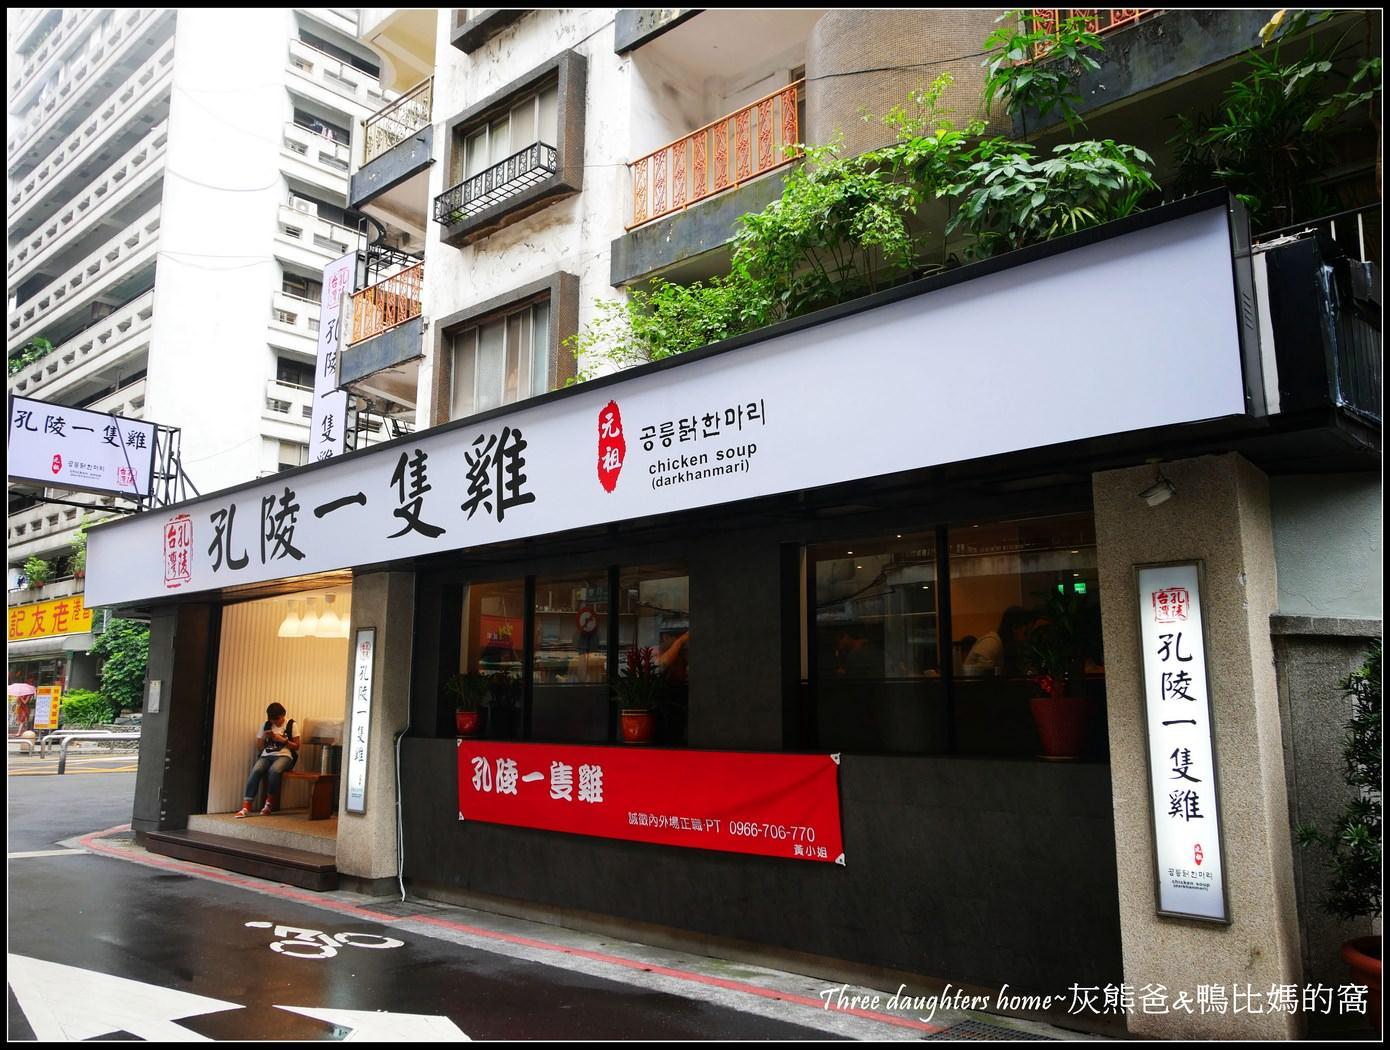 台北大安區美食推薦【孔陵一隻雞】喜歡清爽雞湯口味的朋友可嚐鮮